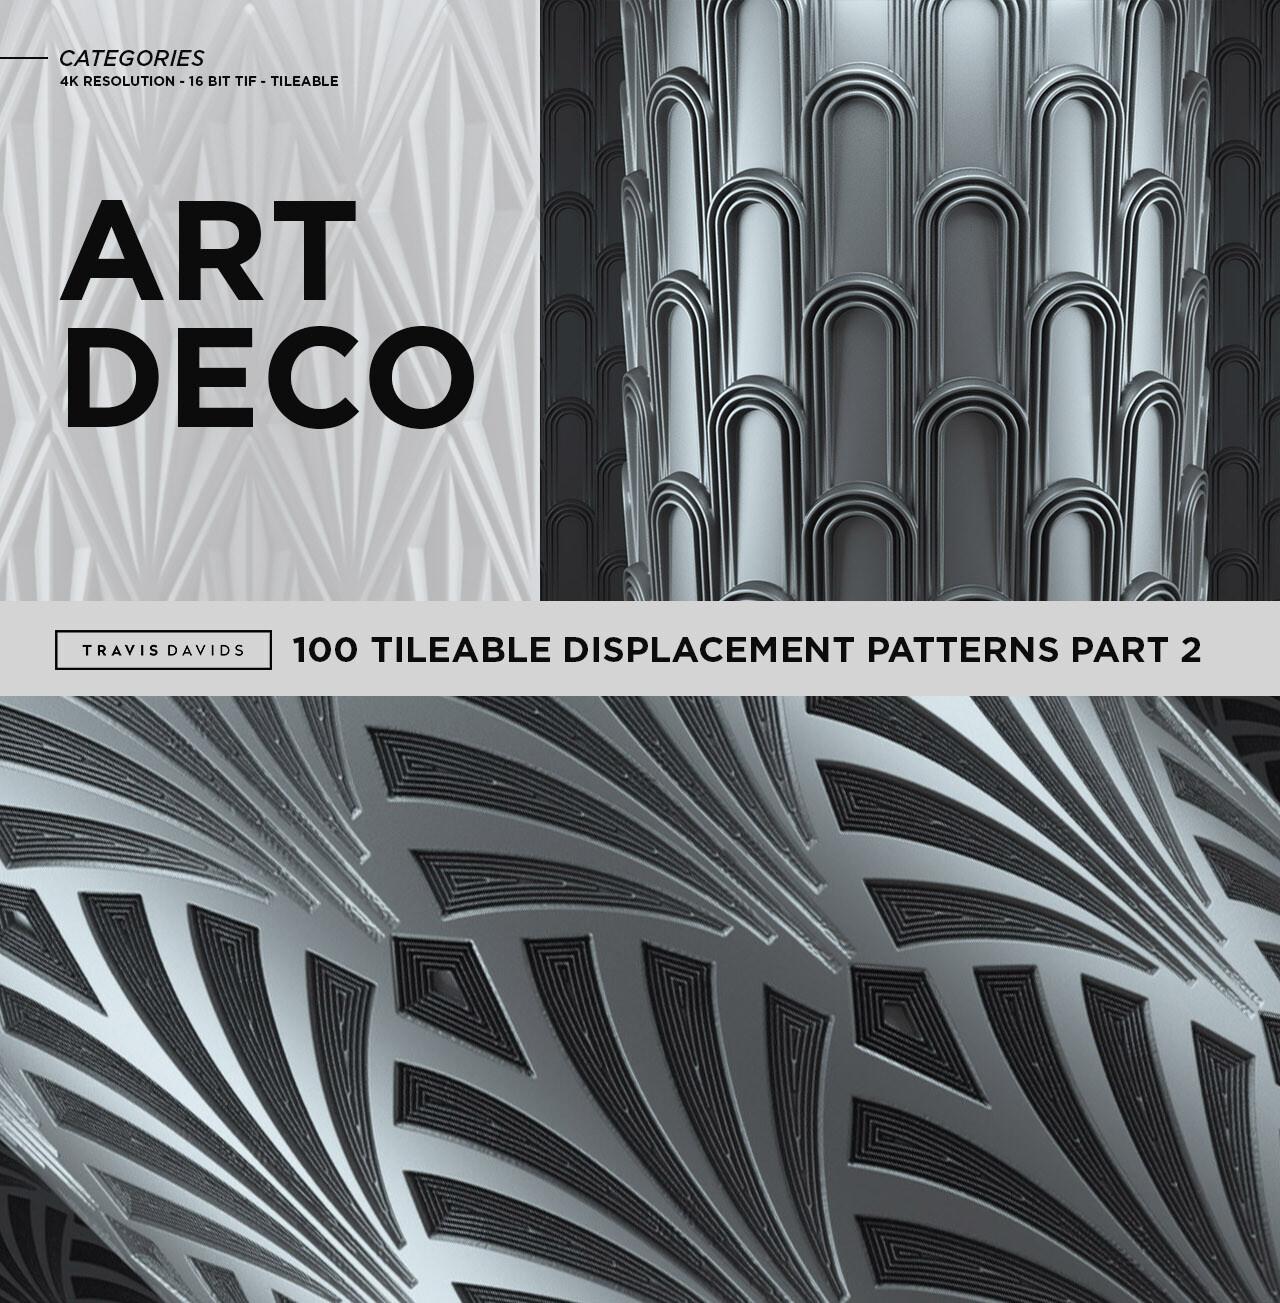 Travis davids categories art deco